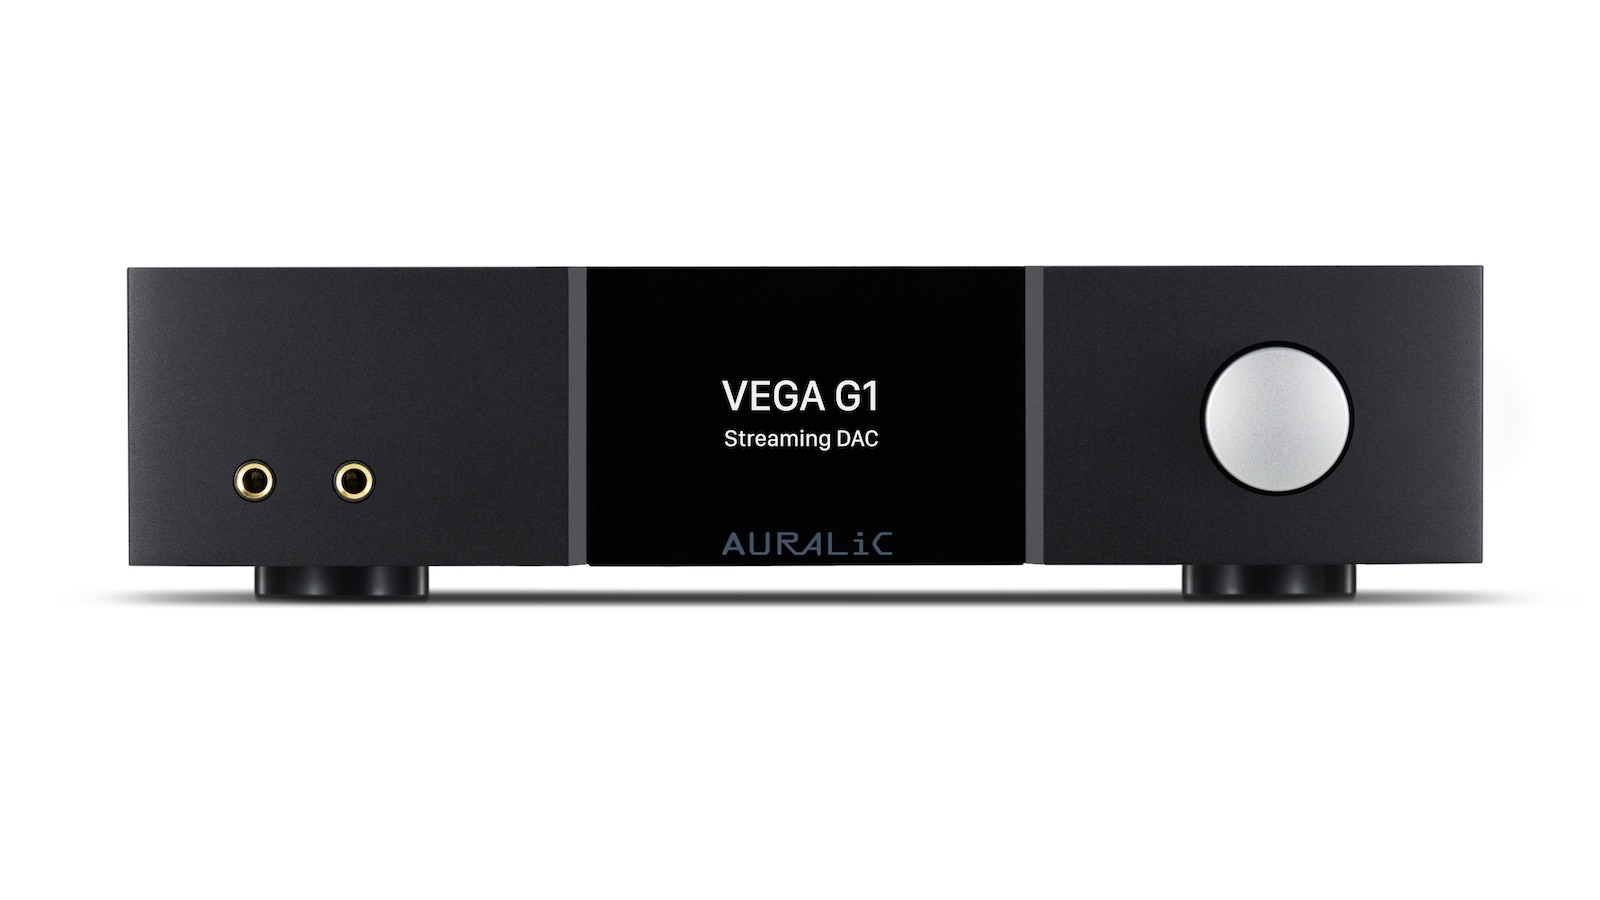 AURALiC VEGA G1 Full Review